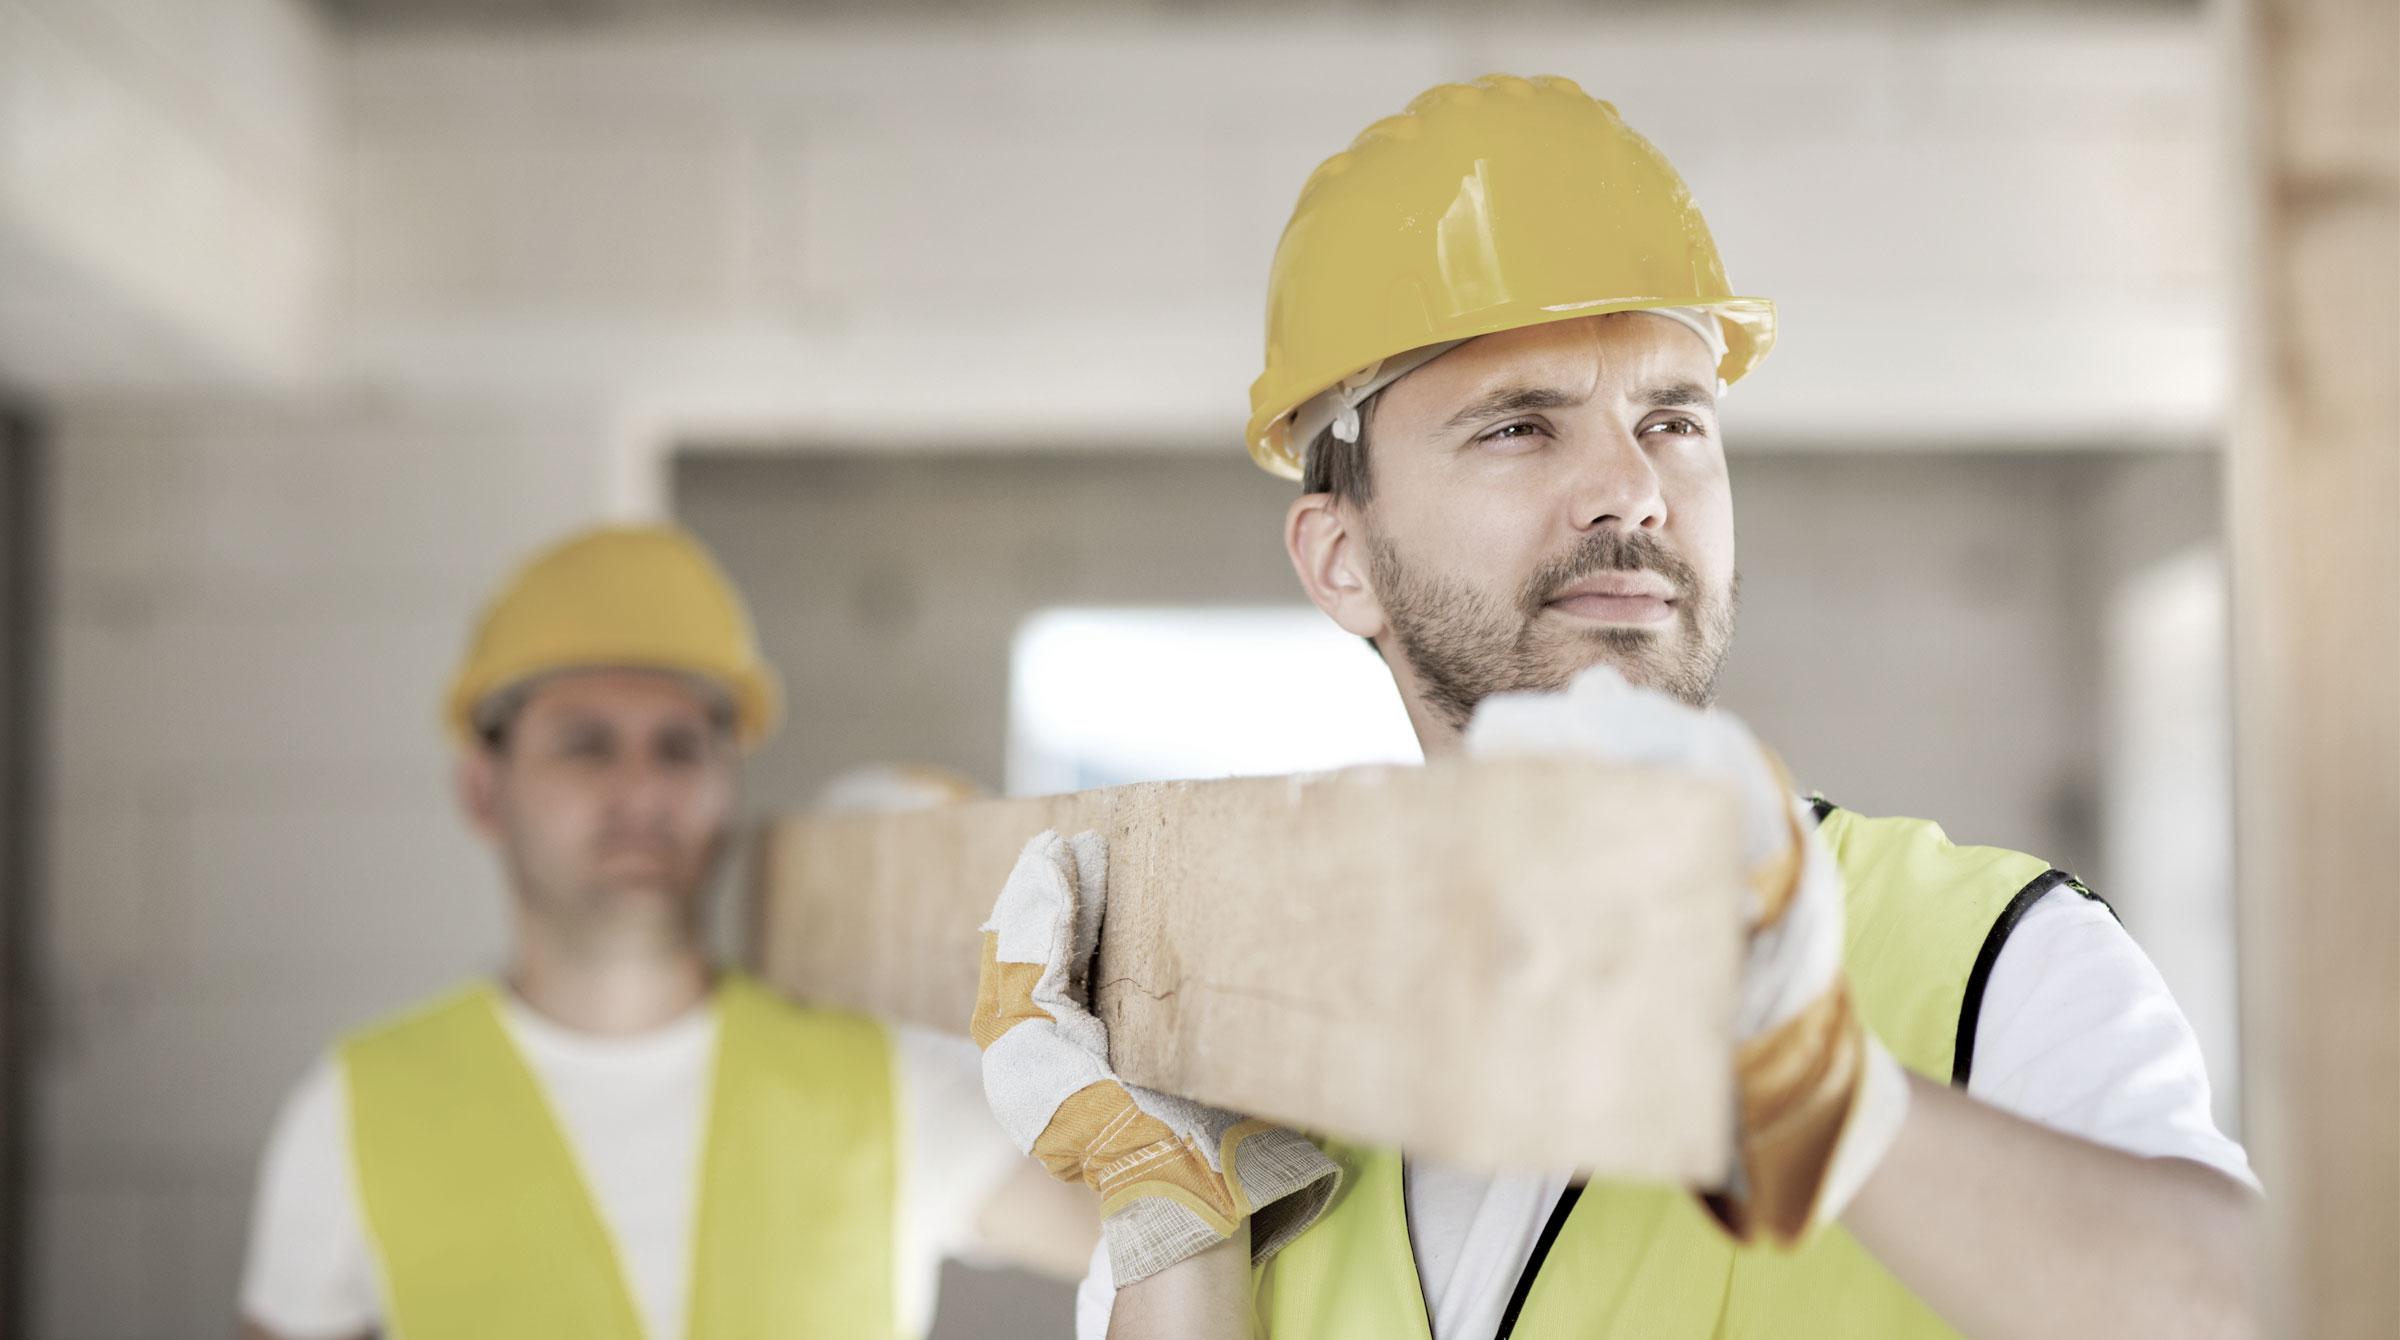 Introbild Laufzeit Bauleistungsversicherung